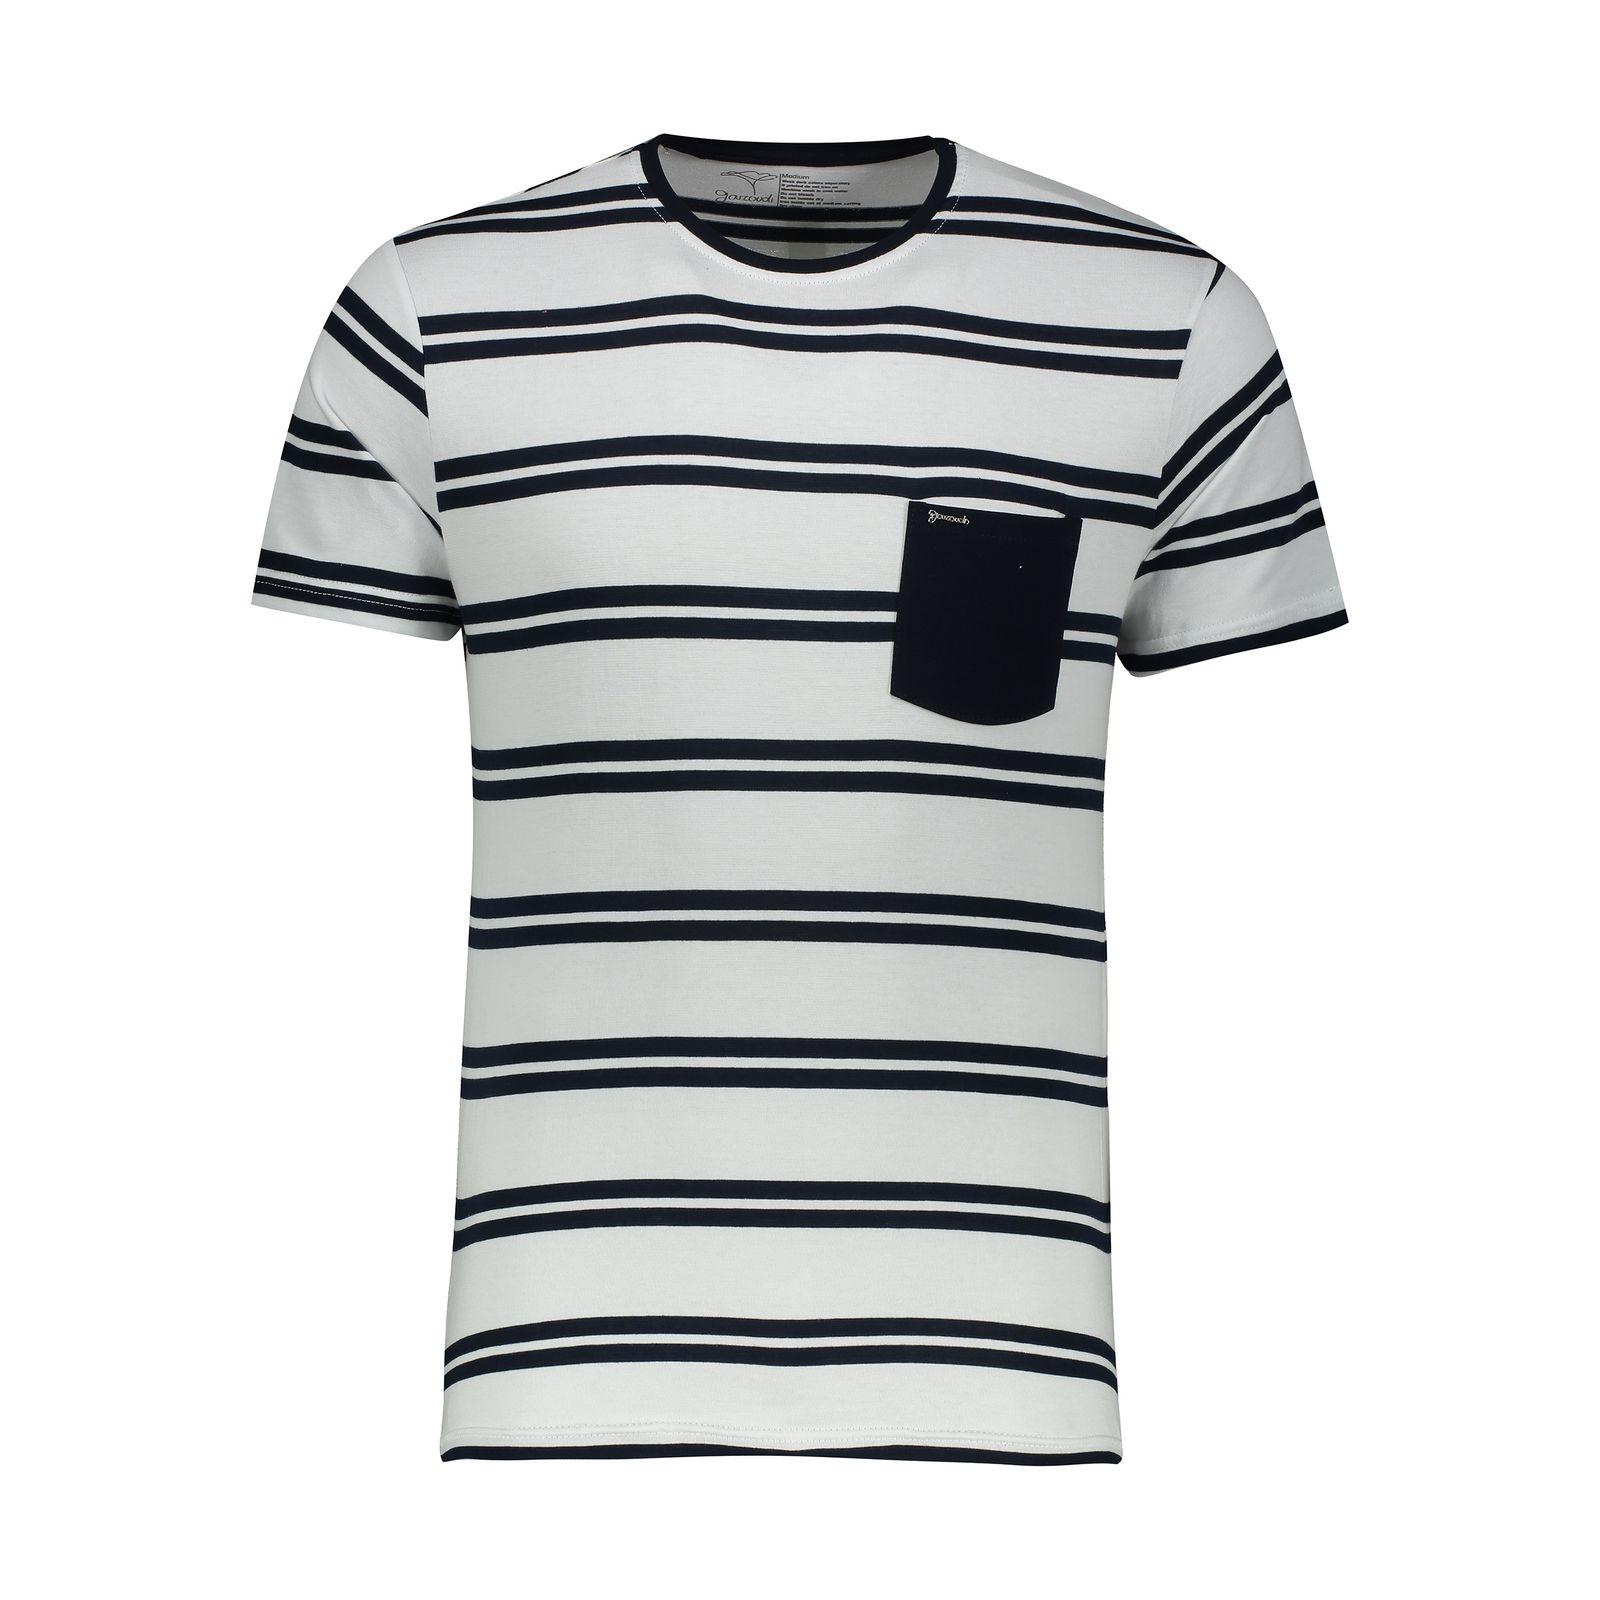 تی شرت مردانه گارودی مدل 1210315358-01 -  - 2